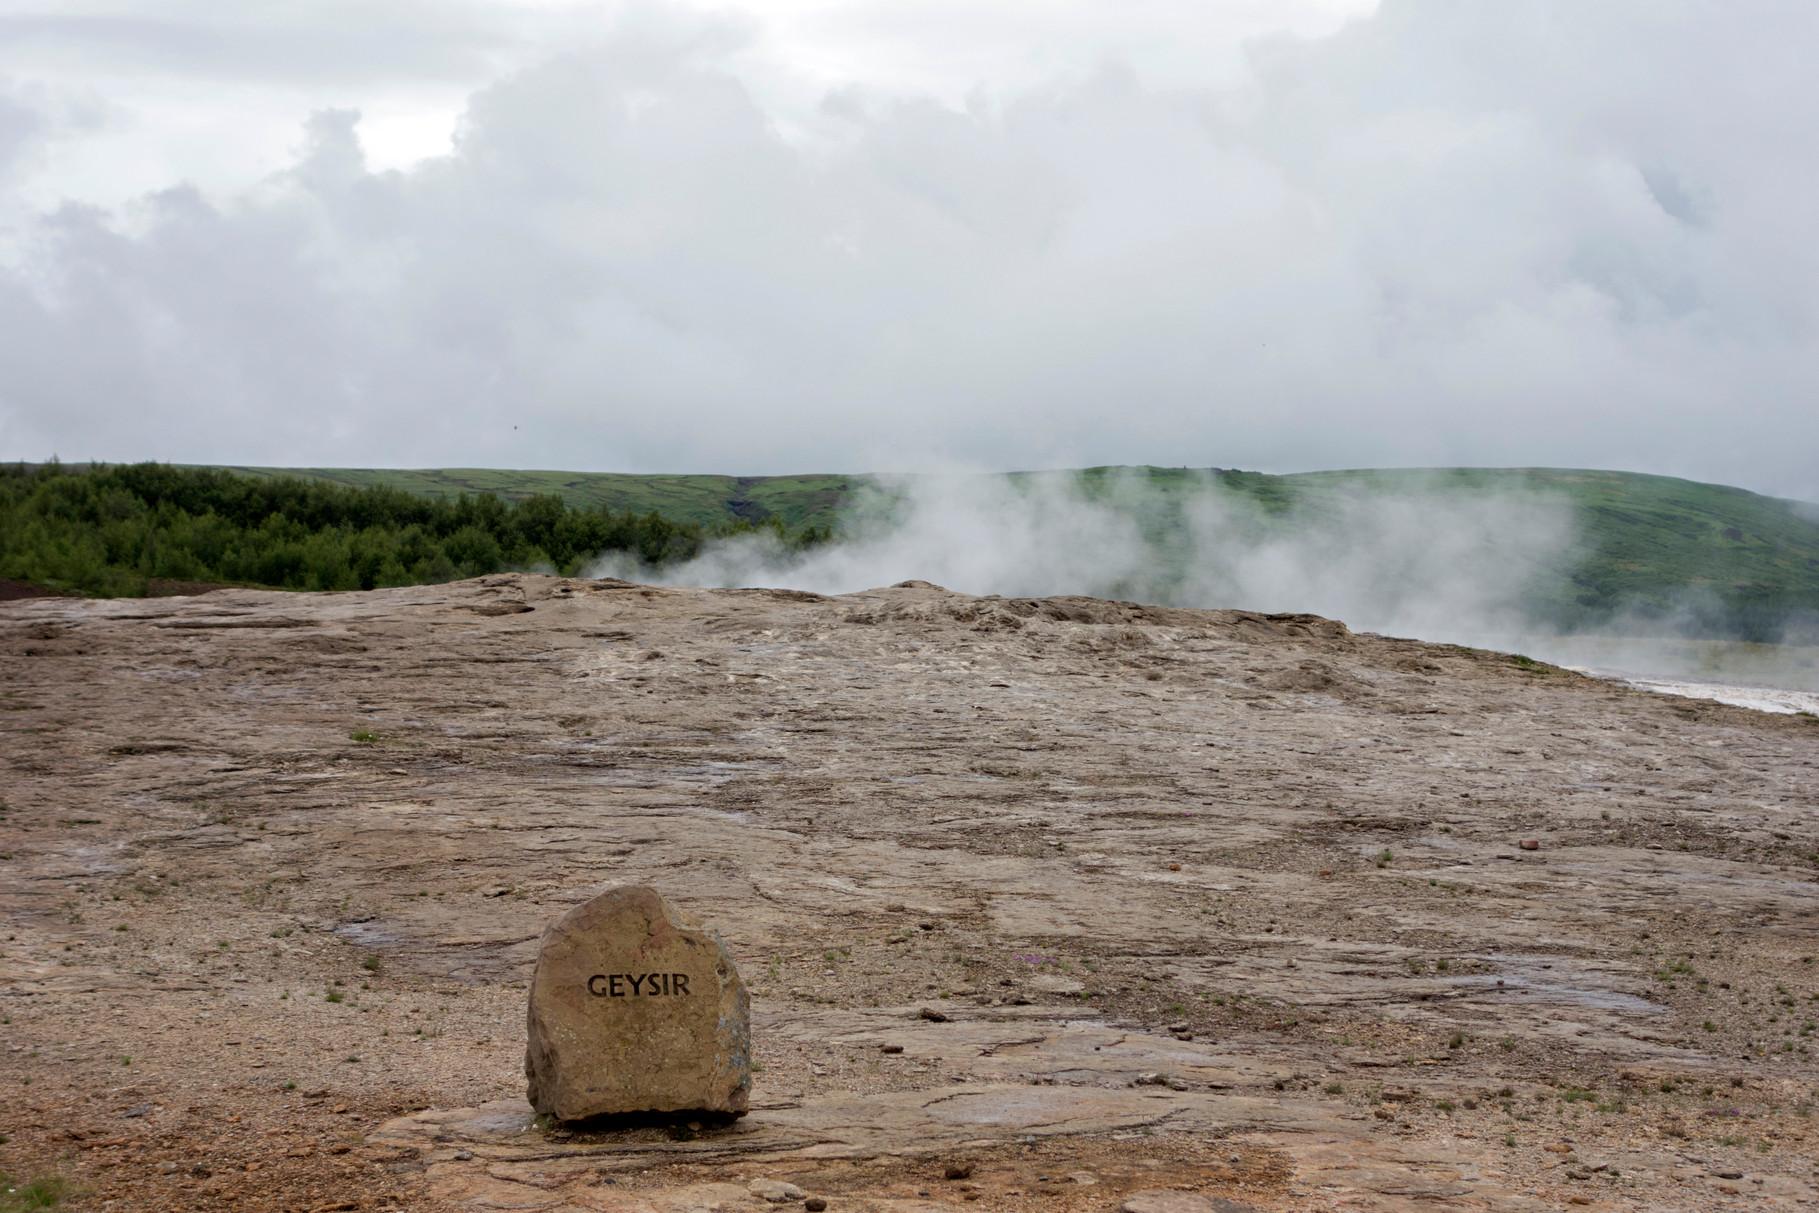 Der Stóri-Geysir ist seit 1915 nicht mehr aktiv, seine Fontäne erreichte eine Höhe von 70m